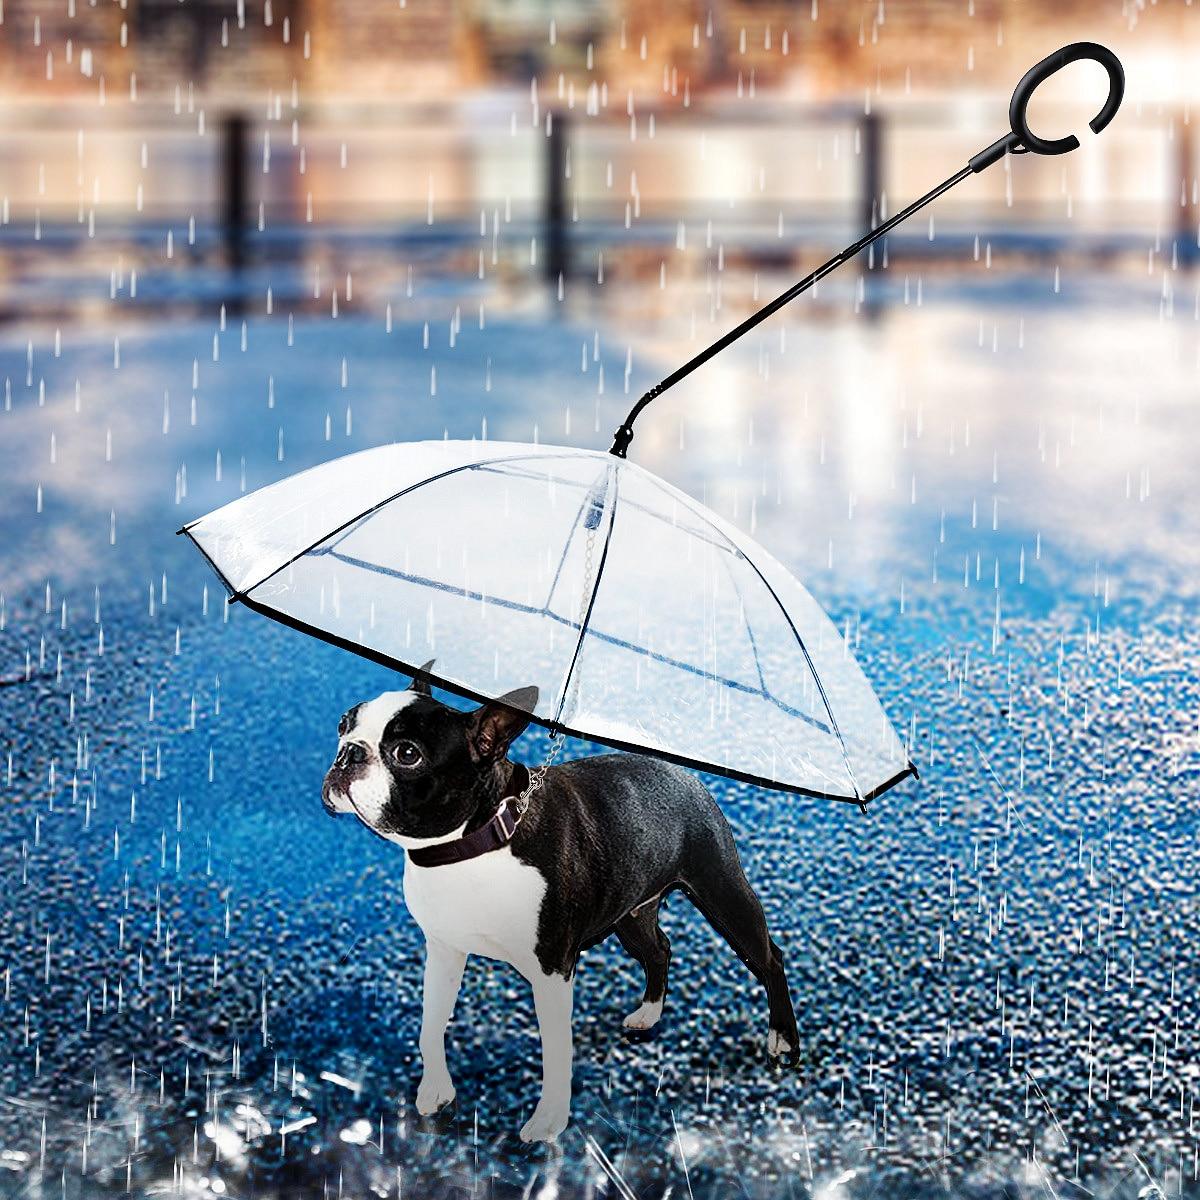 Paraguas para mascotas transparente con mango telescópico en forma de C, collares con correas para perros, cuerda de remolque para la lluvia, cuerda para perros y gatos pequeños